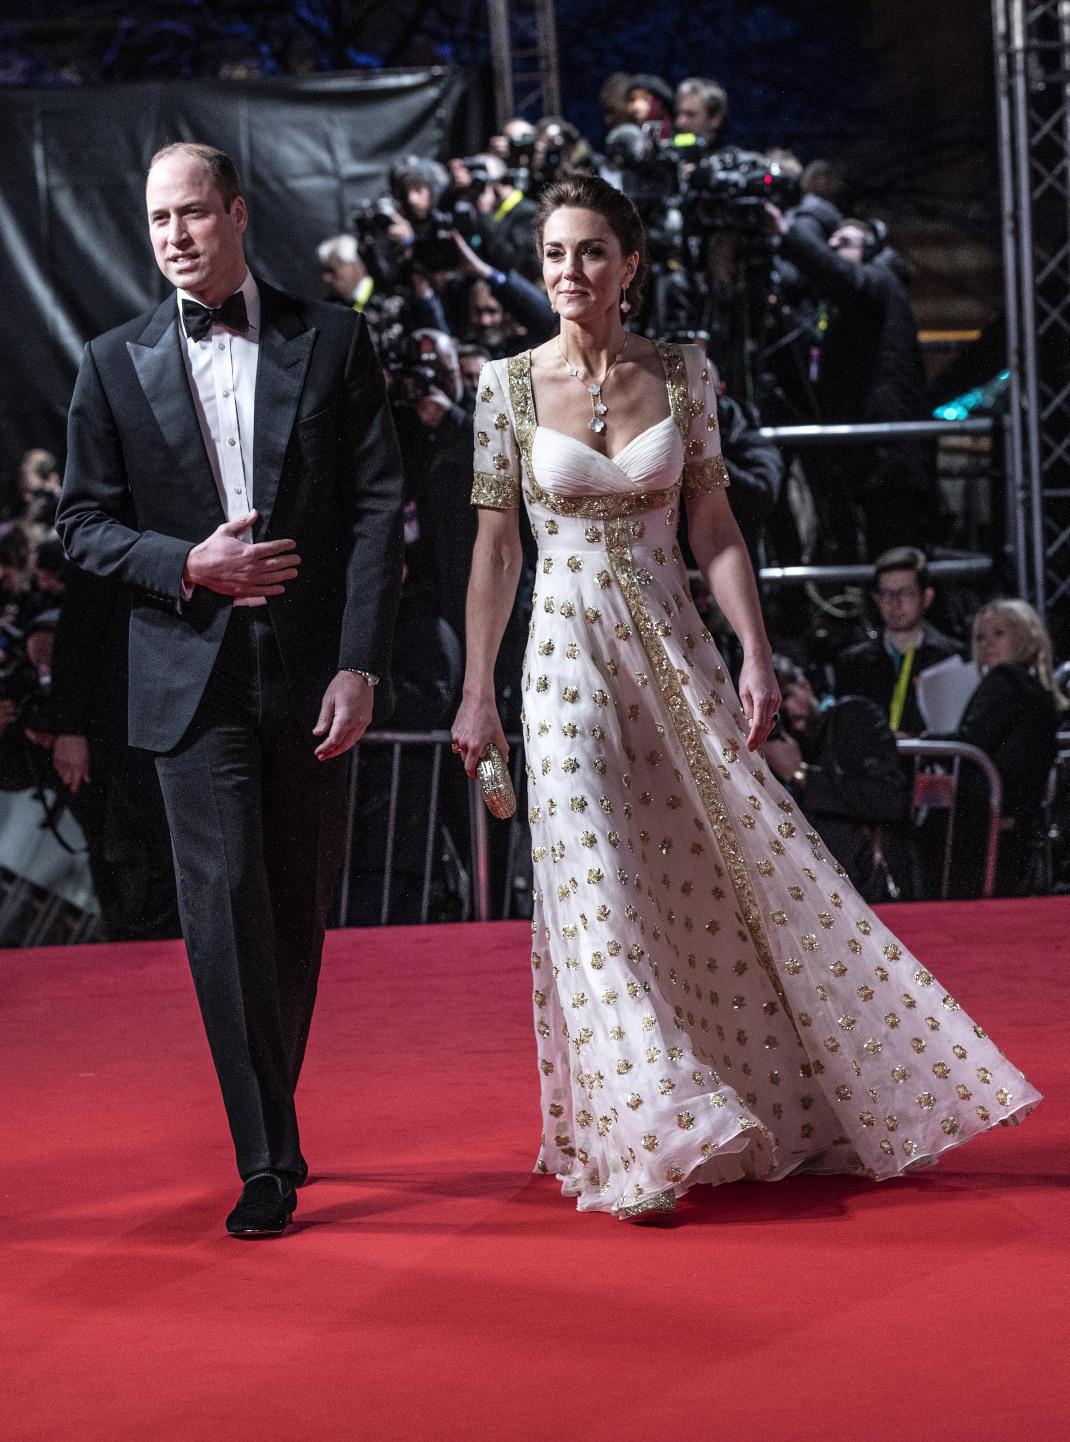 Ο Δούκας και η Δούκισσα του Κέιμπριτζ